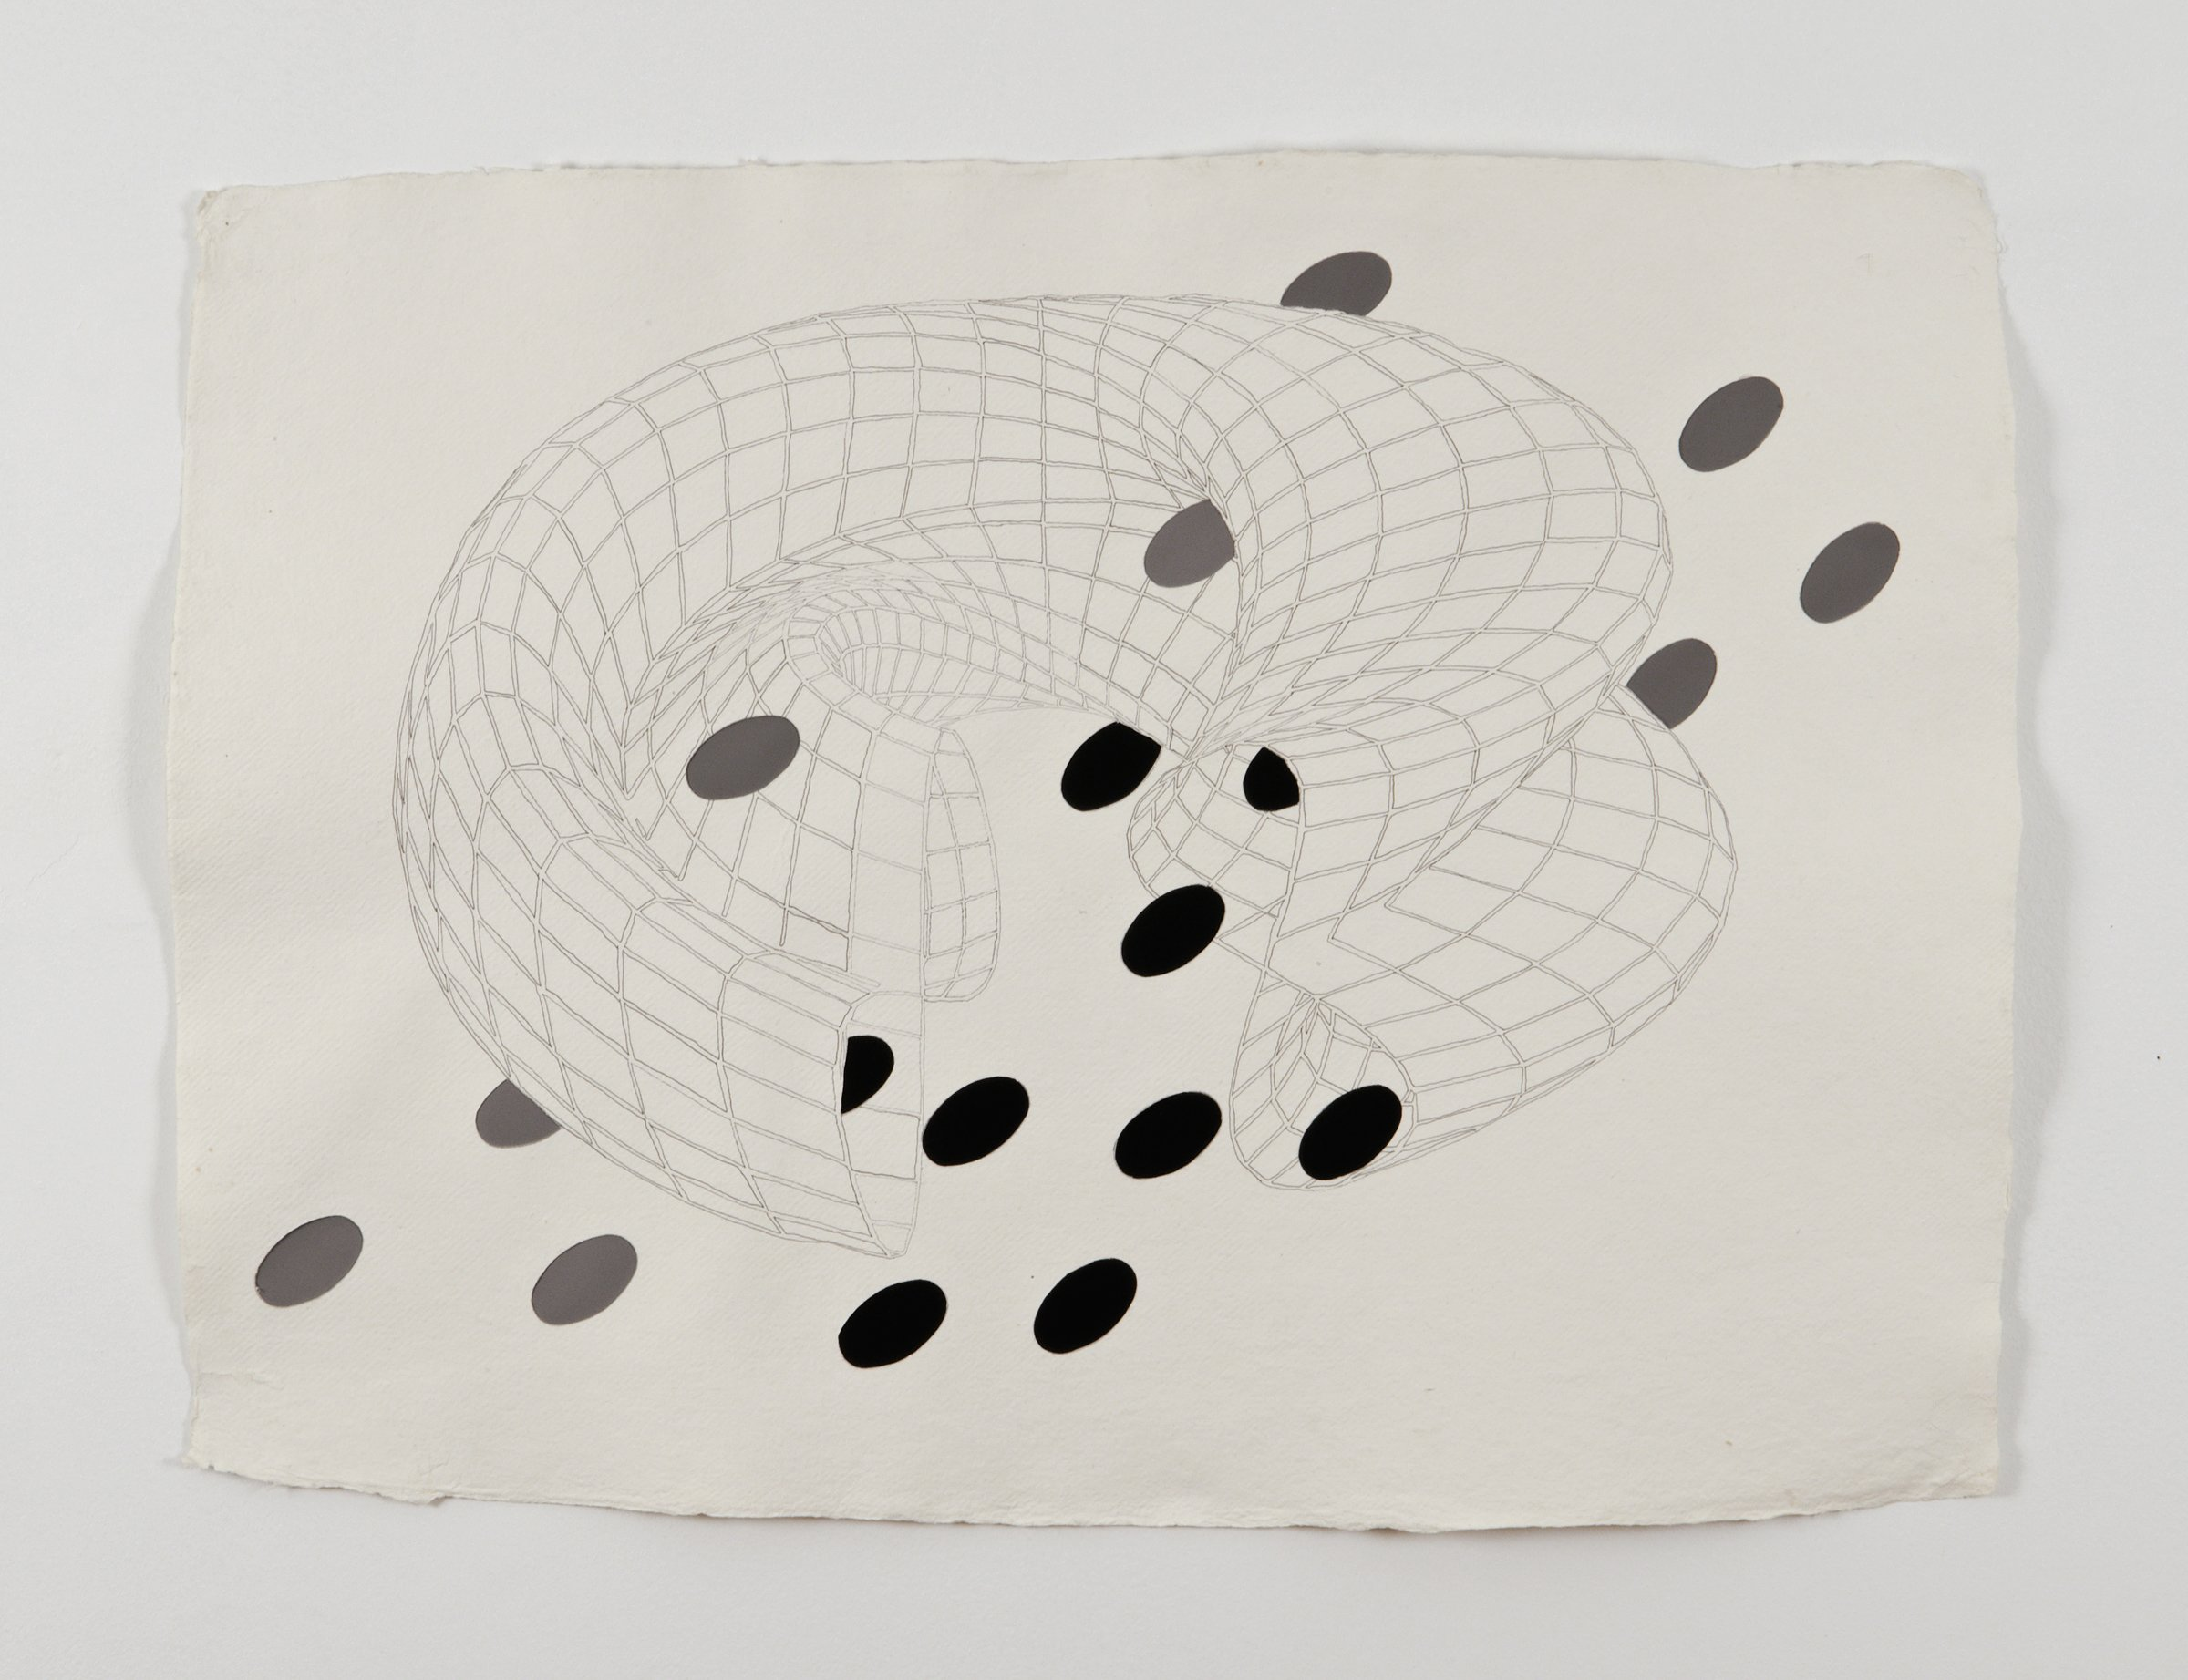 James Cullinane, Untitled, 2009